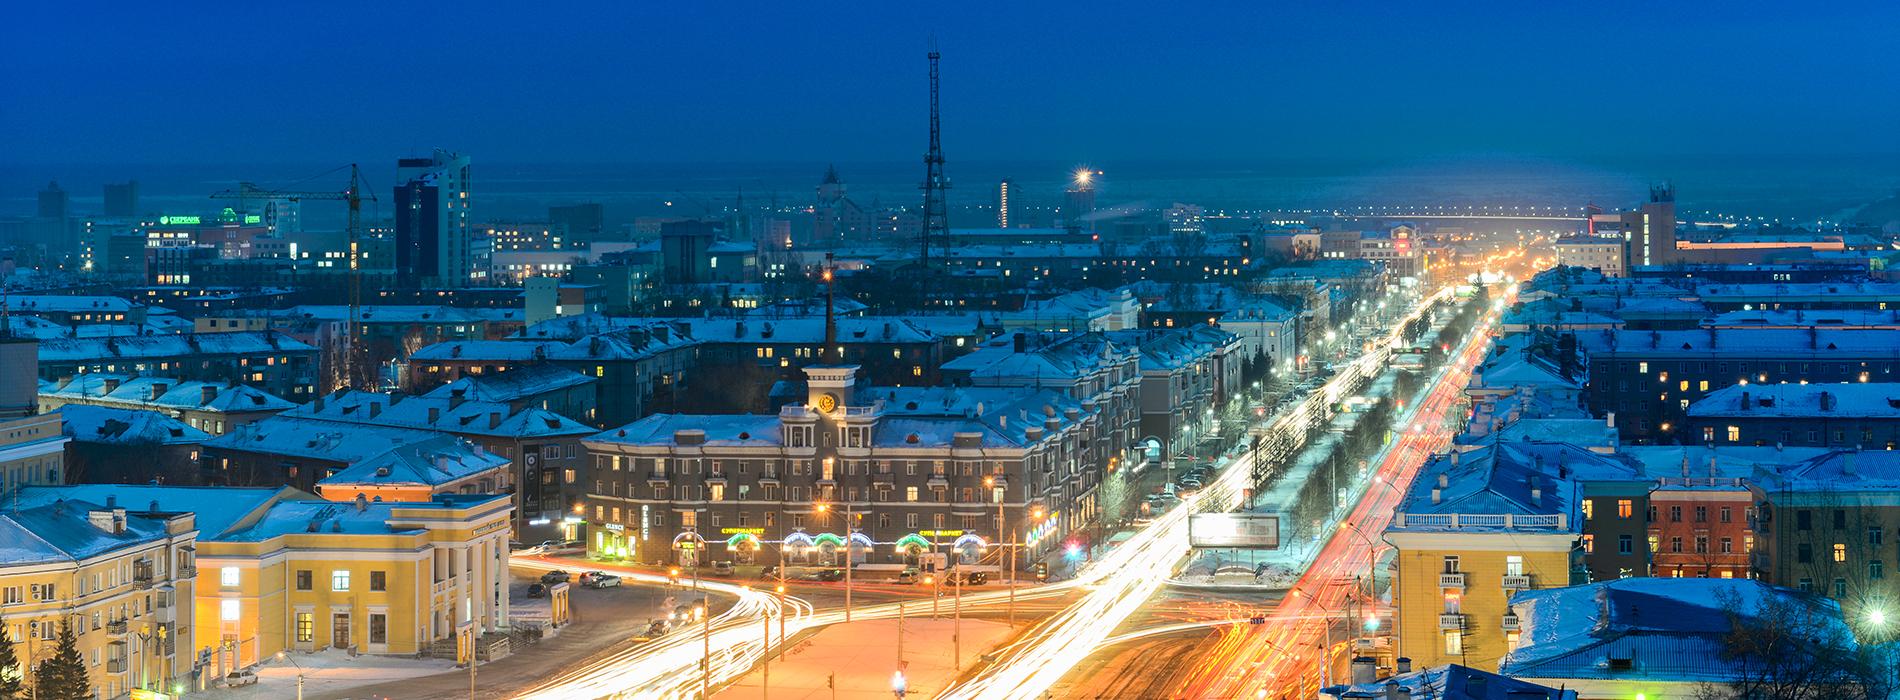 Авиабилеты Прага — Барнаул, купить билеты на самолет туда и обратно, цены и расписание рейсов